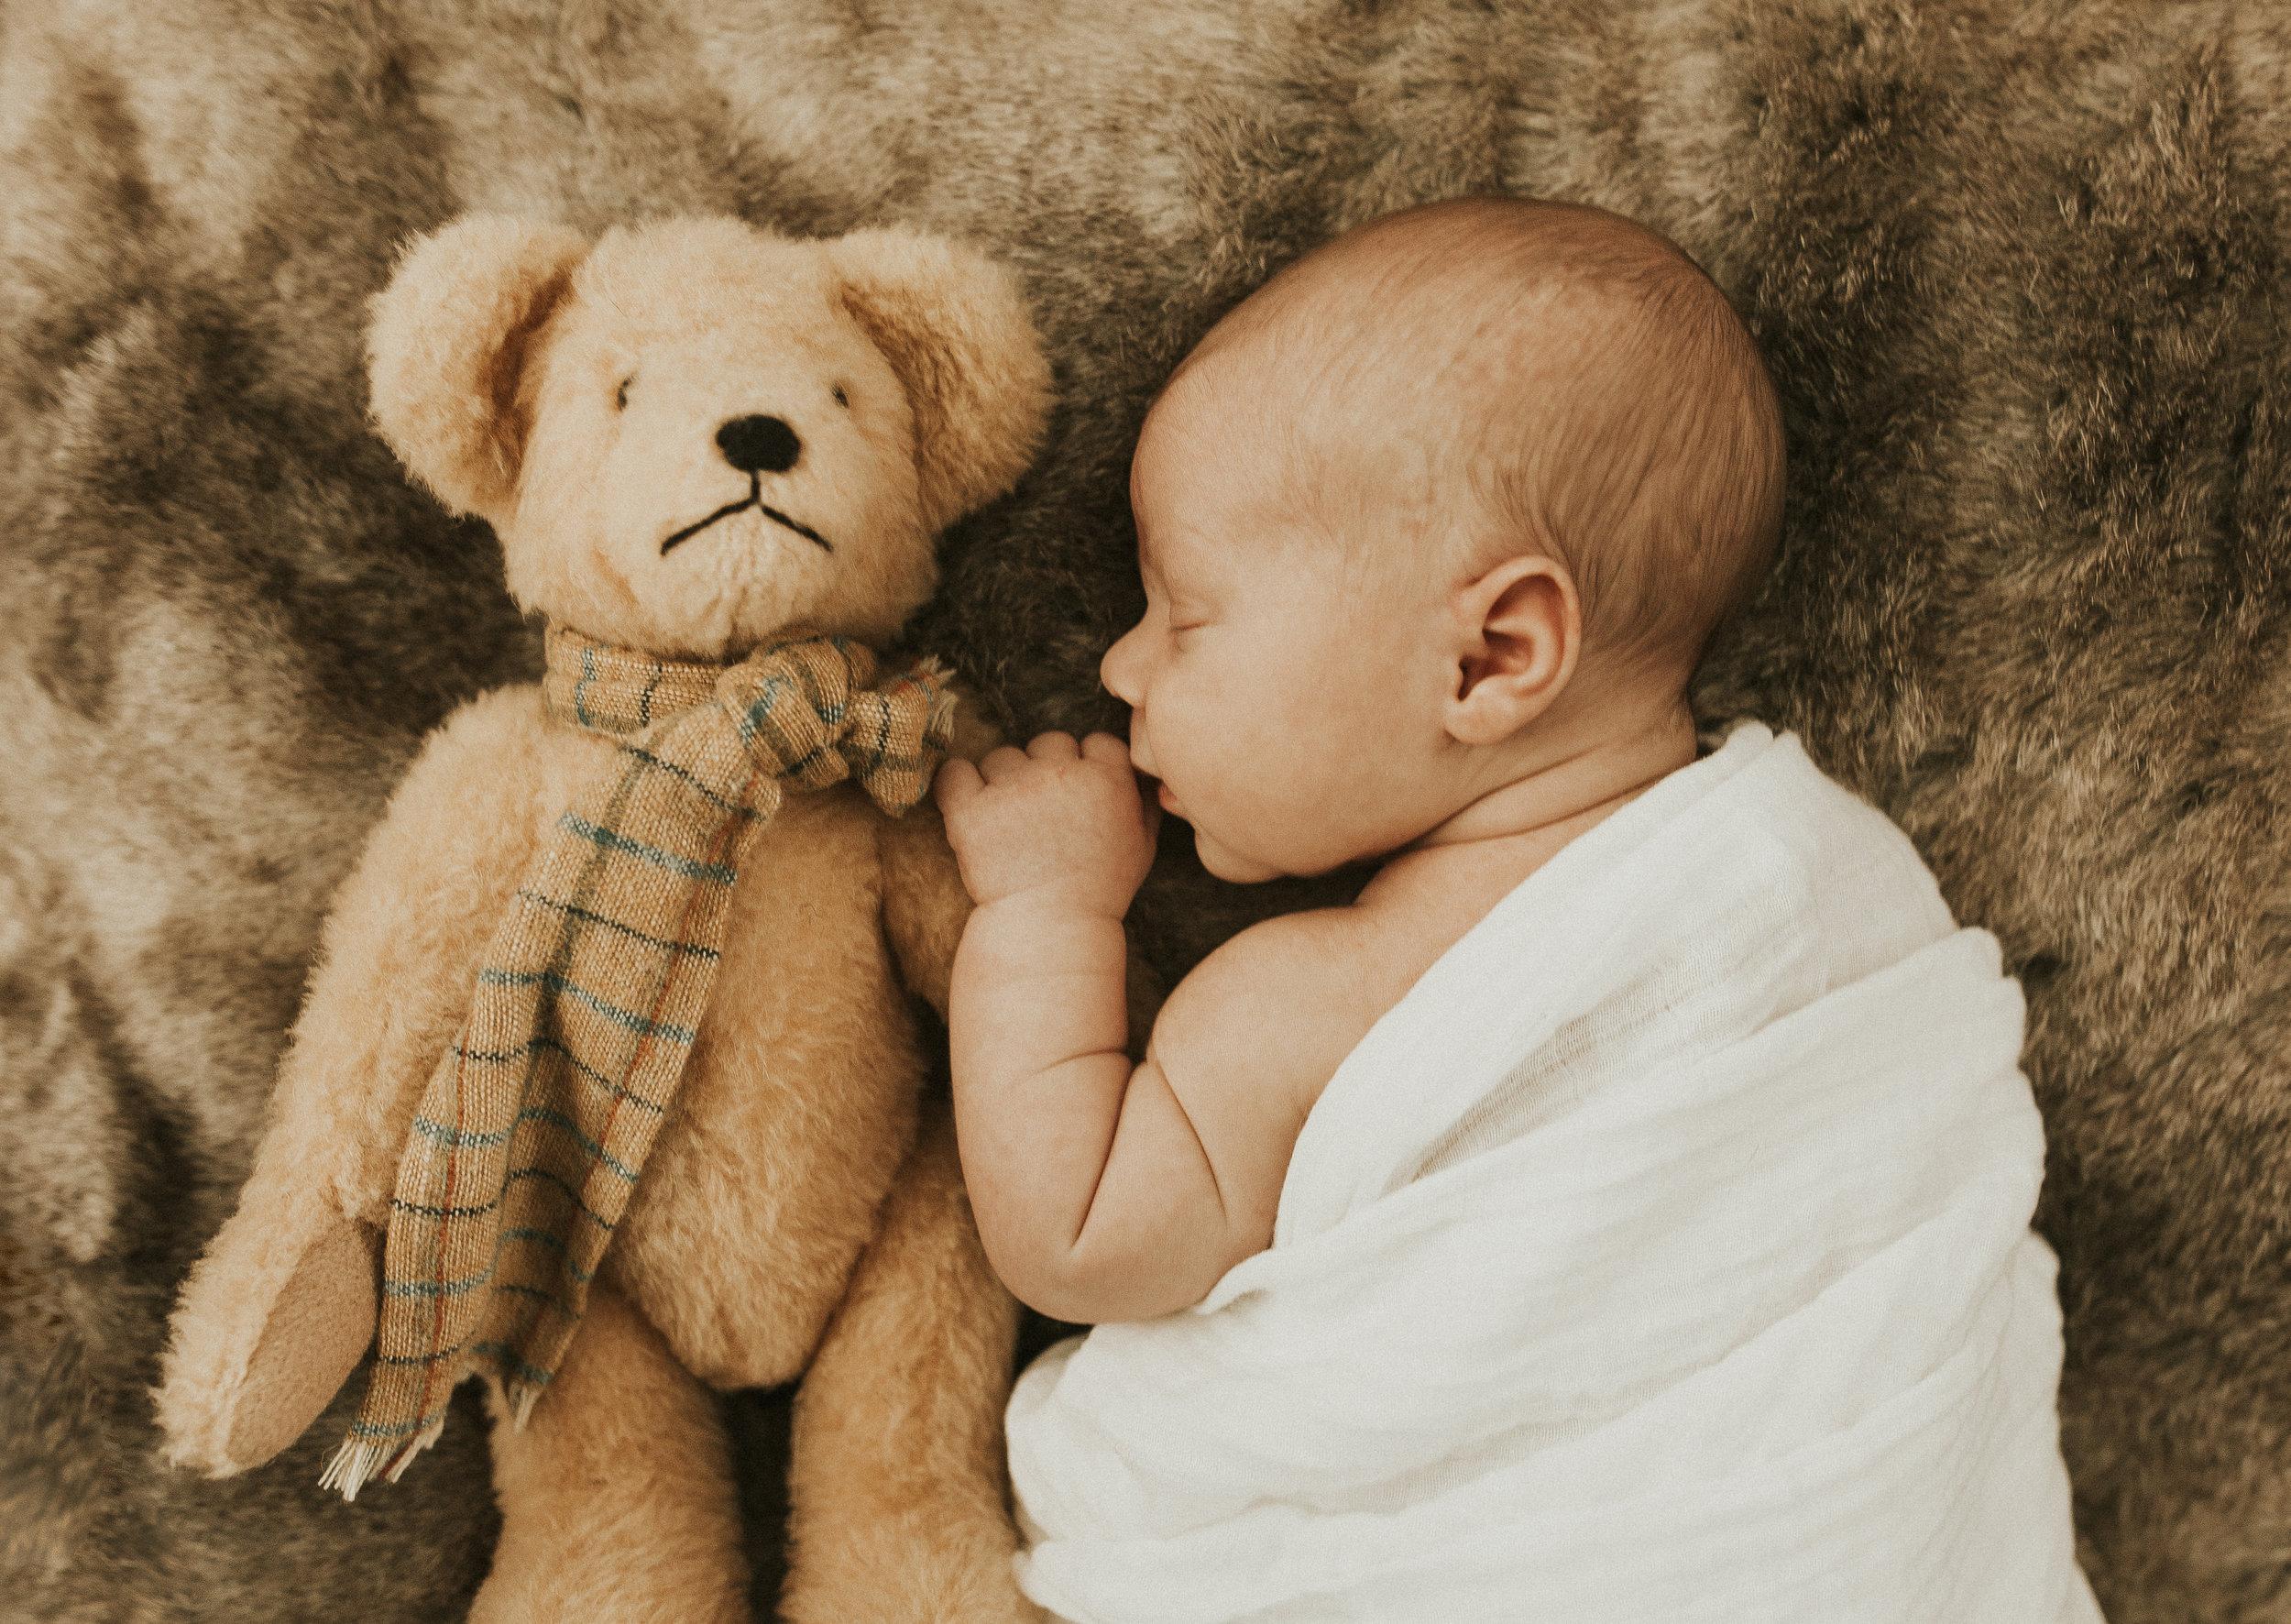 BabyJack_NewbornPortraits_33.jpg